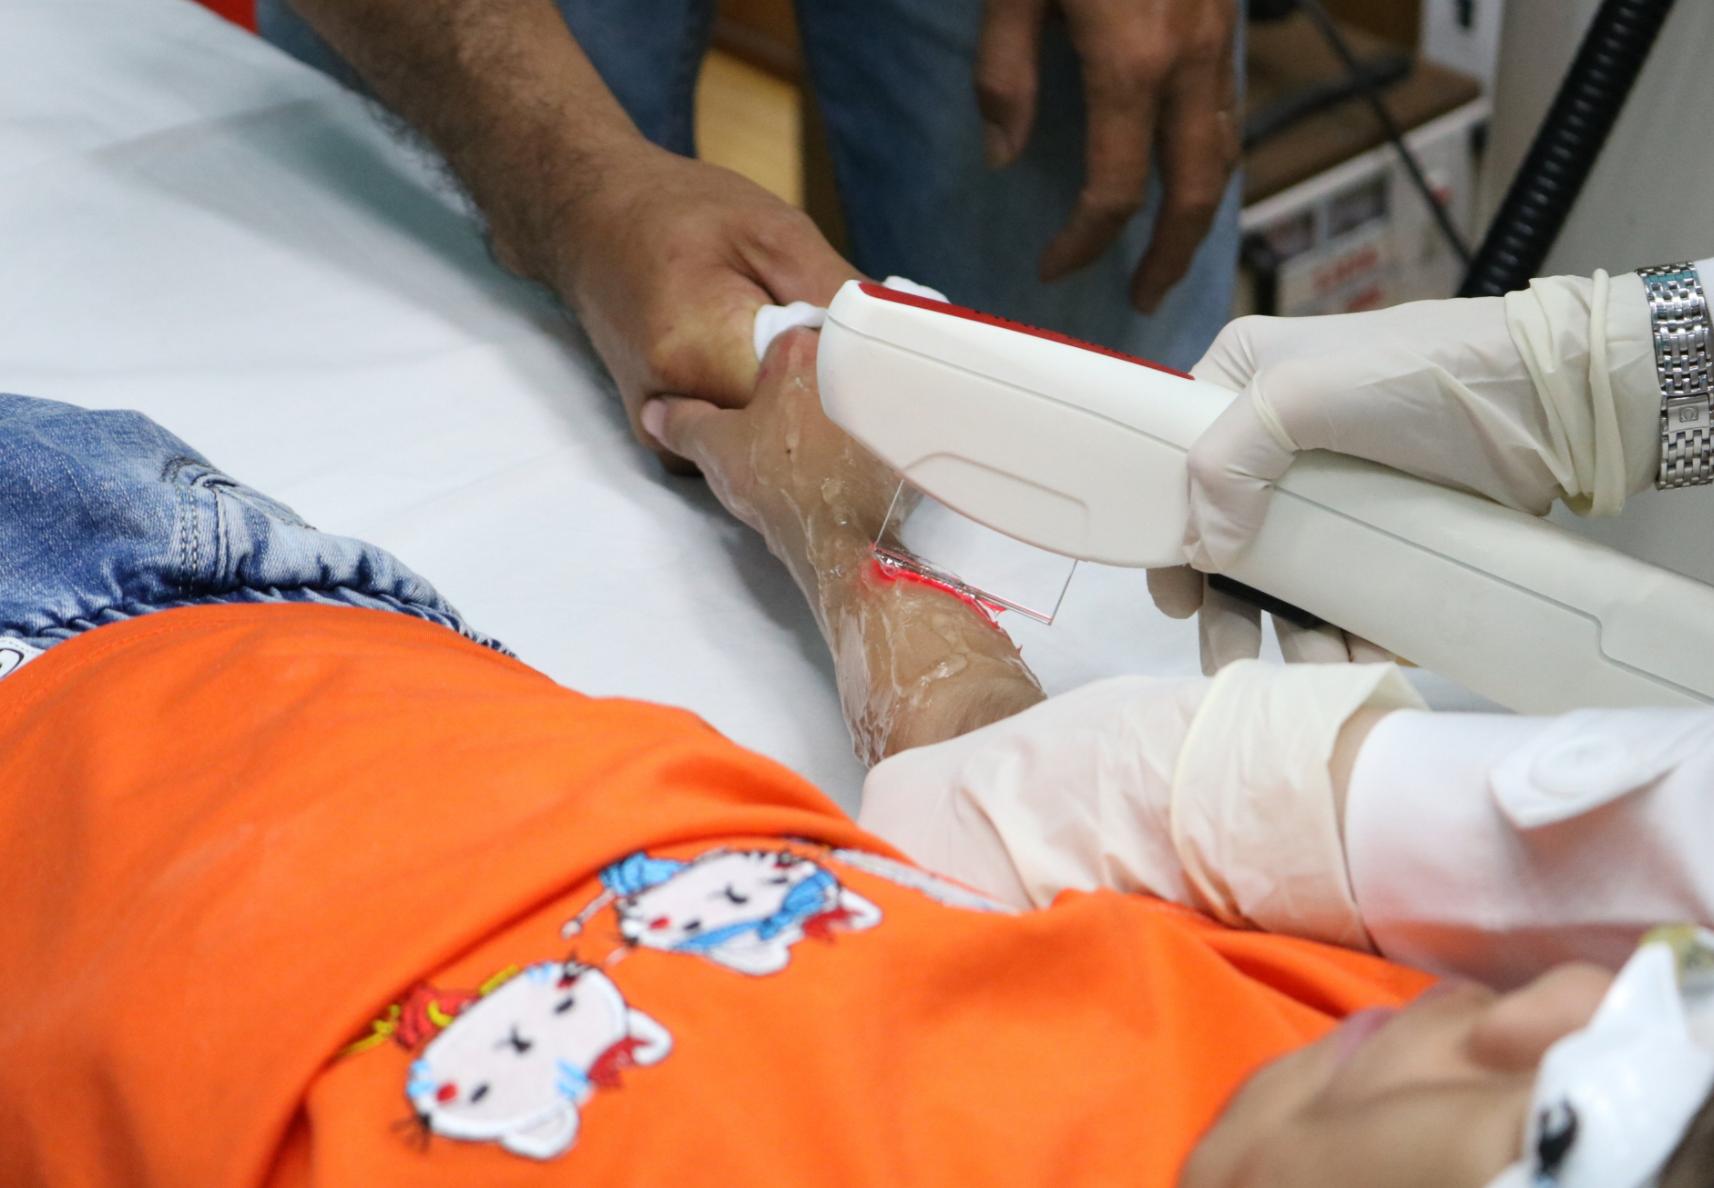 Bé gái 6 tuổi mắc hội chứng 'rậm lông toàn thân' lần đầu tiên xuất hiện tại Việt Nam, bị bạn bè chê cười - Ảnh 7.